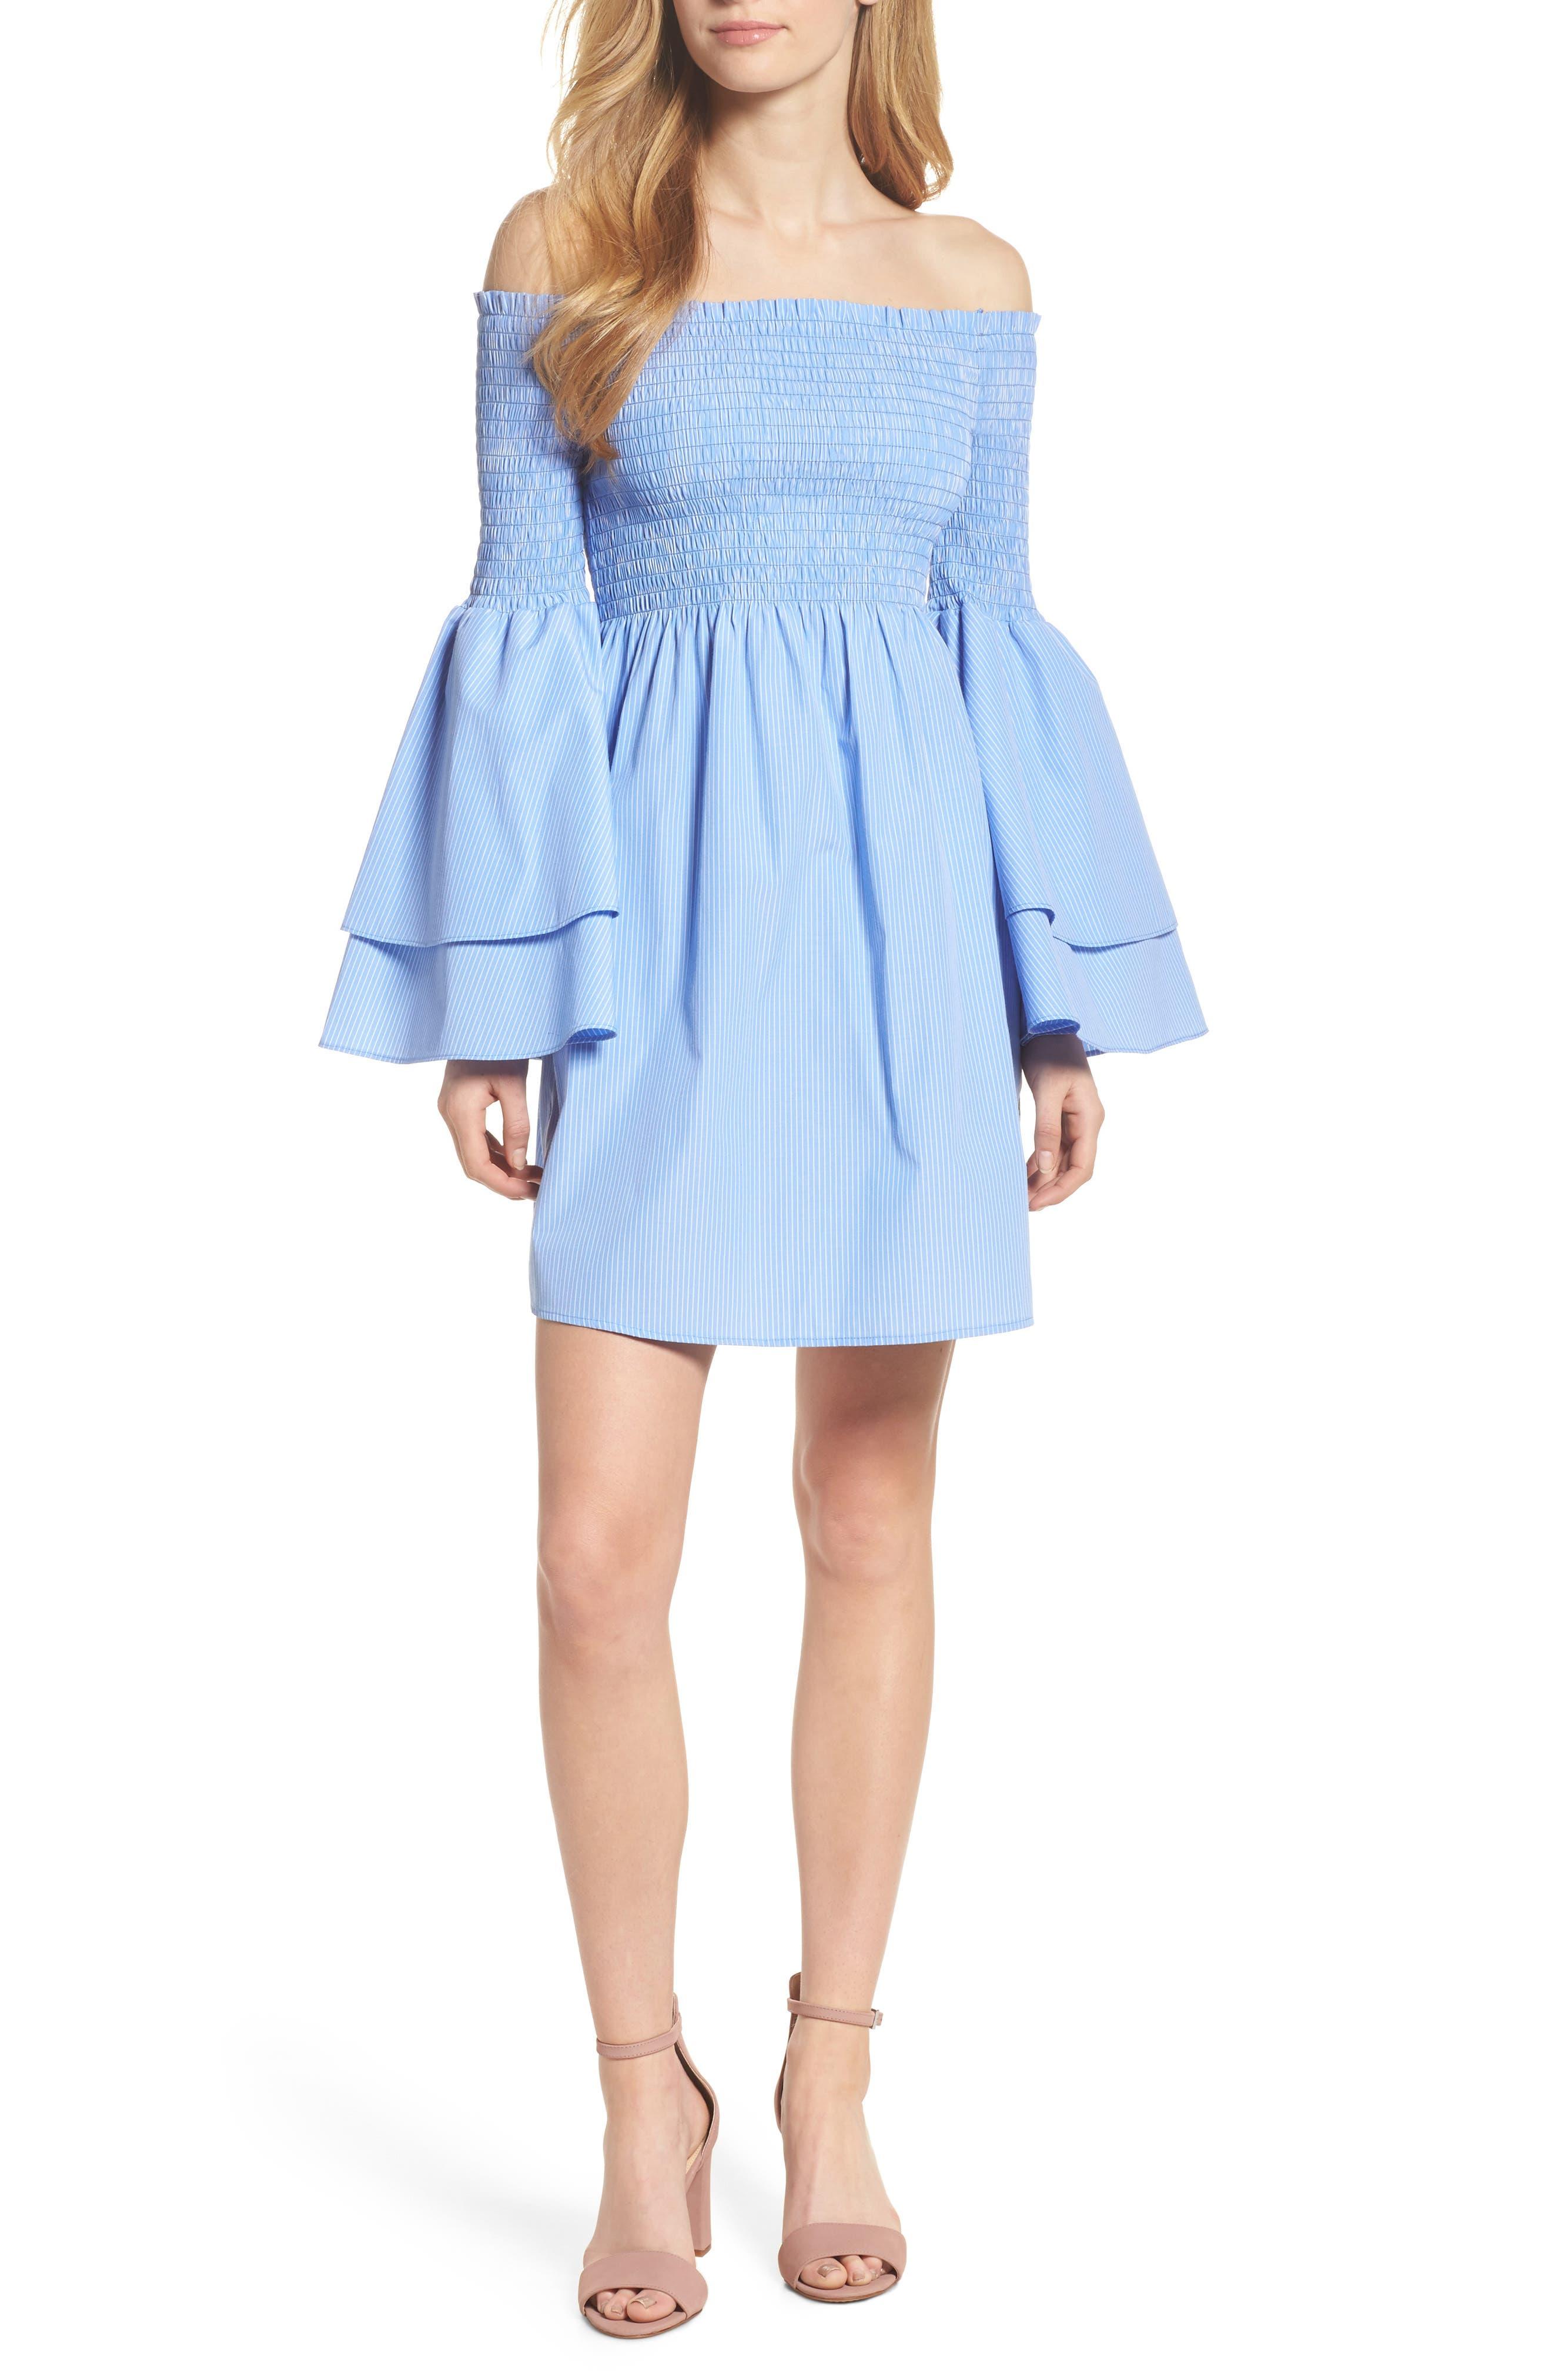 Smocked Off the Shoulder Bell Sleeve Dress,                         Main,                         color, Blue/ White Stripe